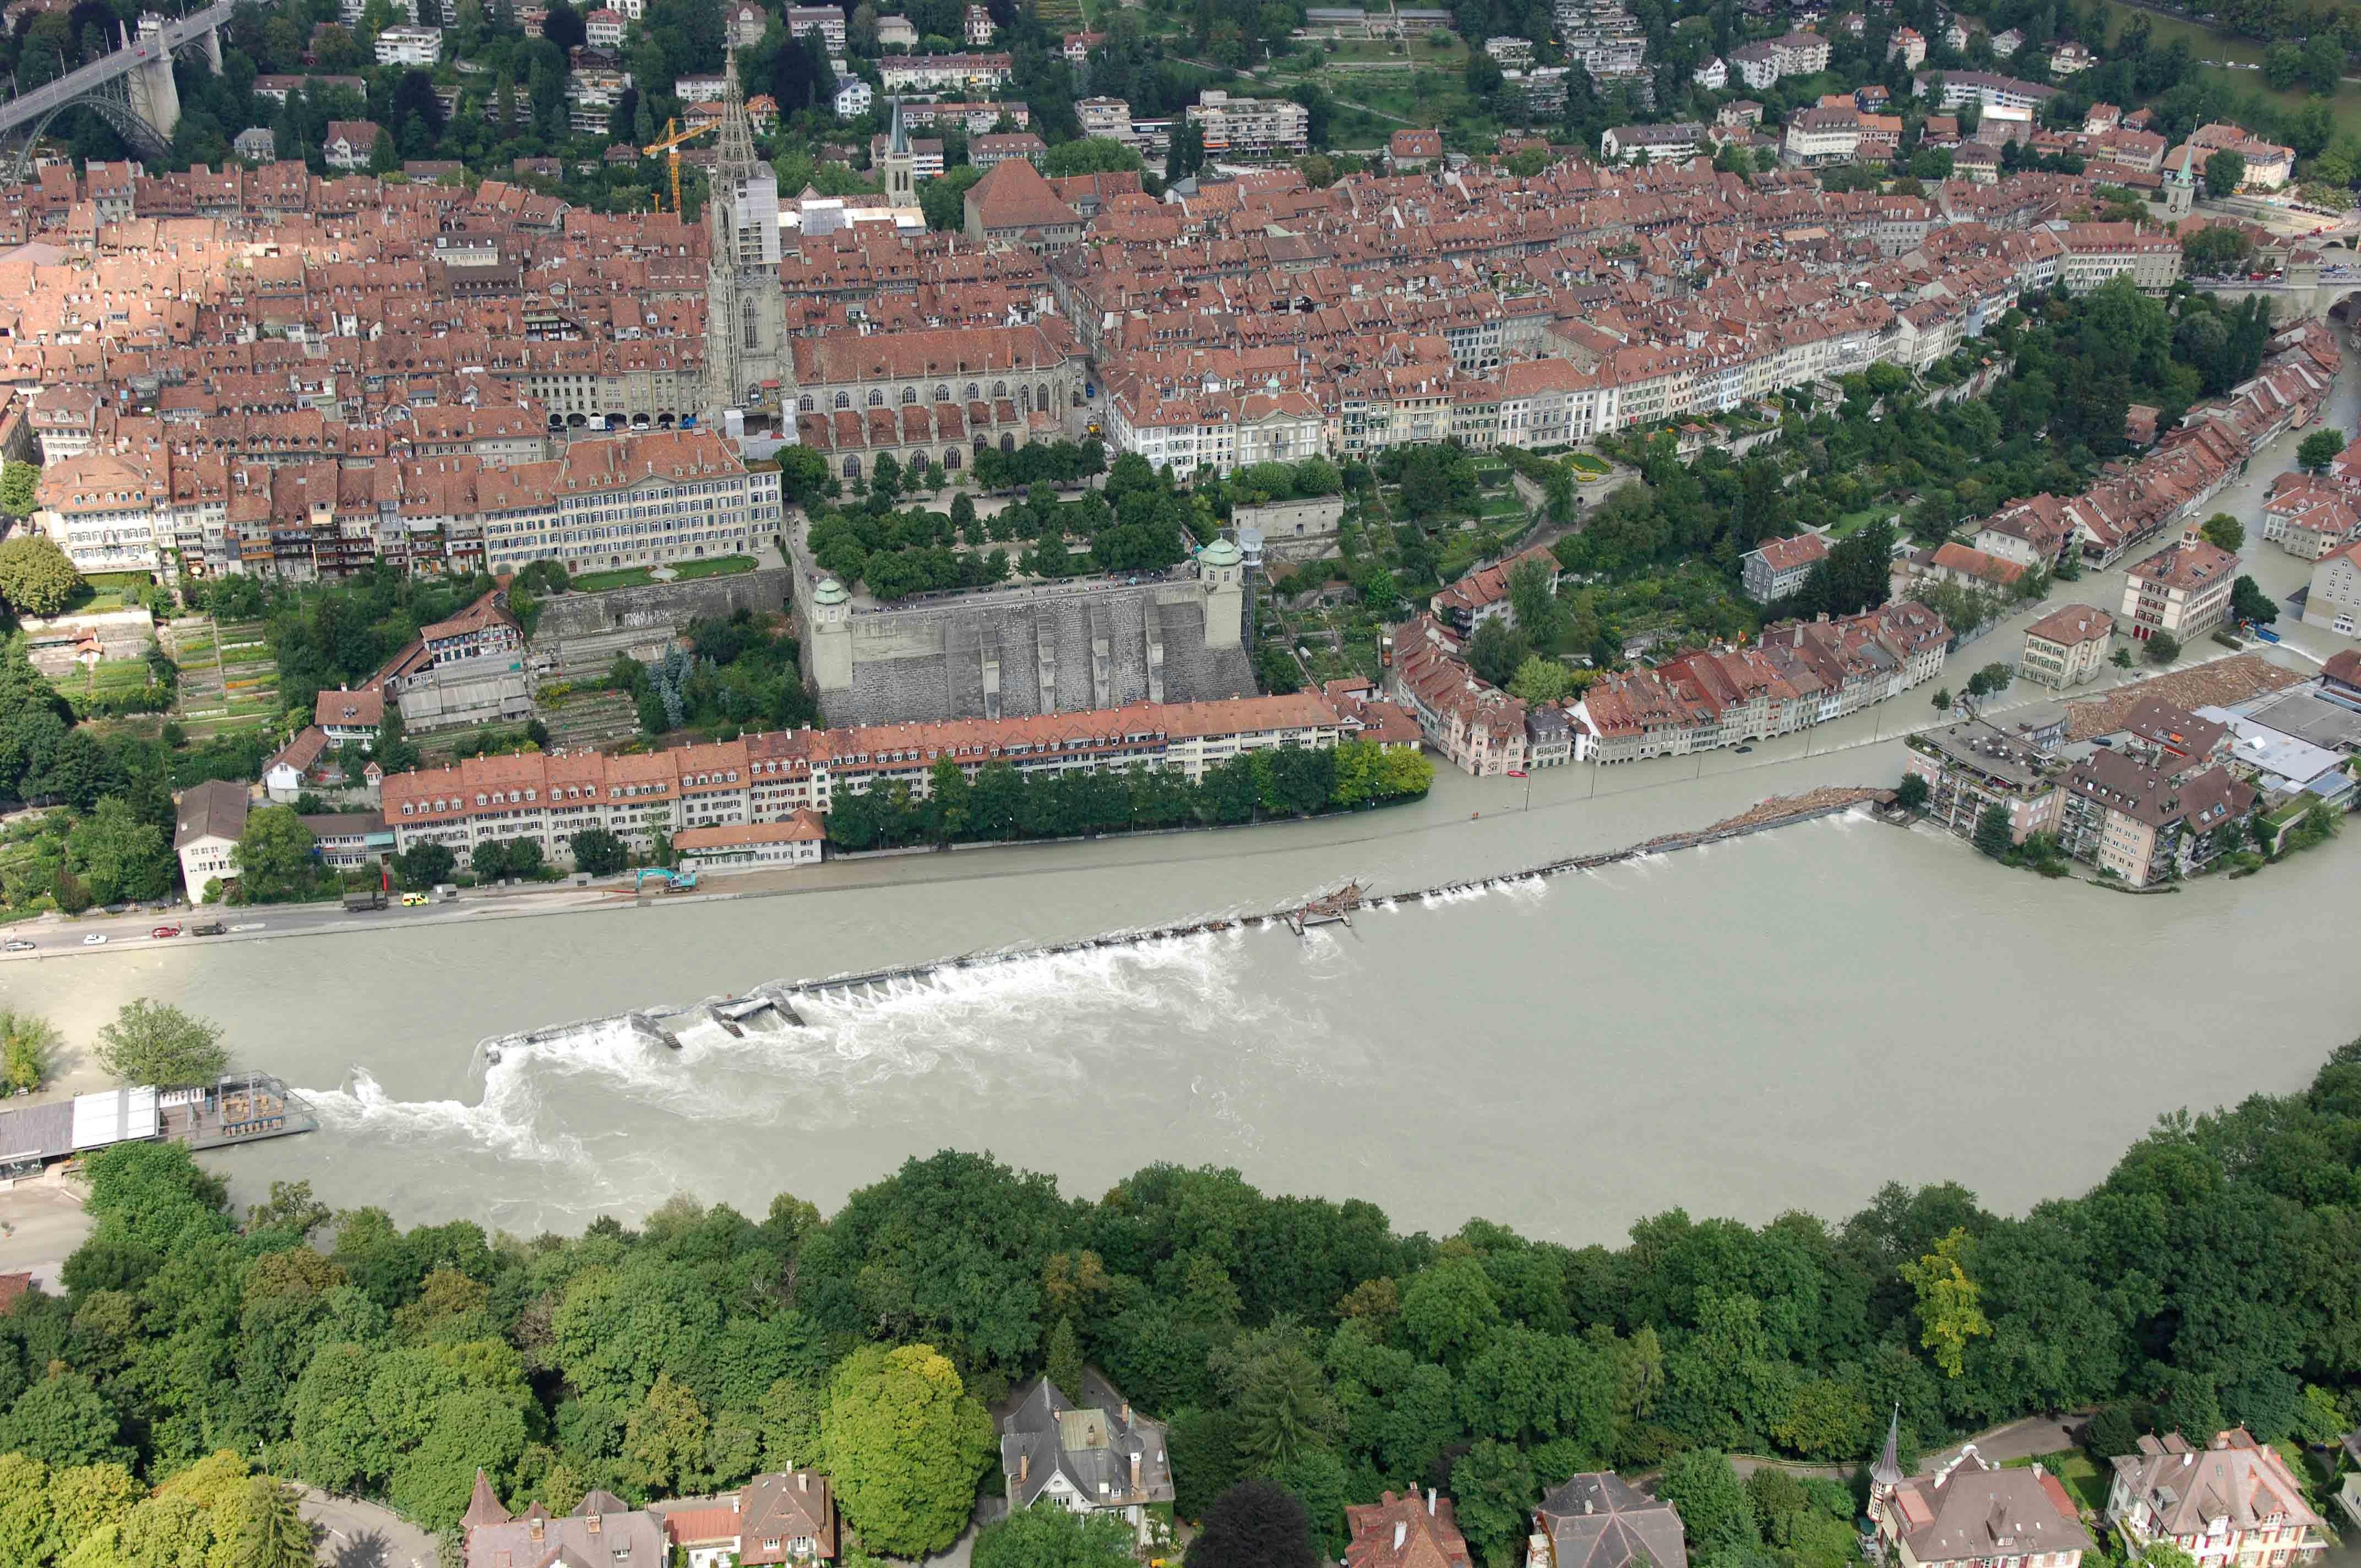 Hochwasser von 2005 in Bern